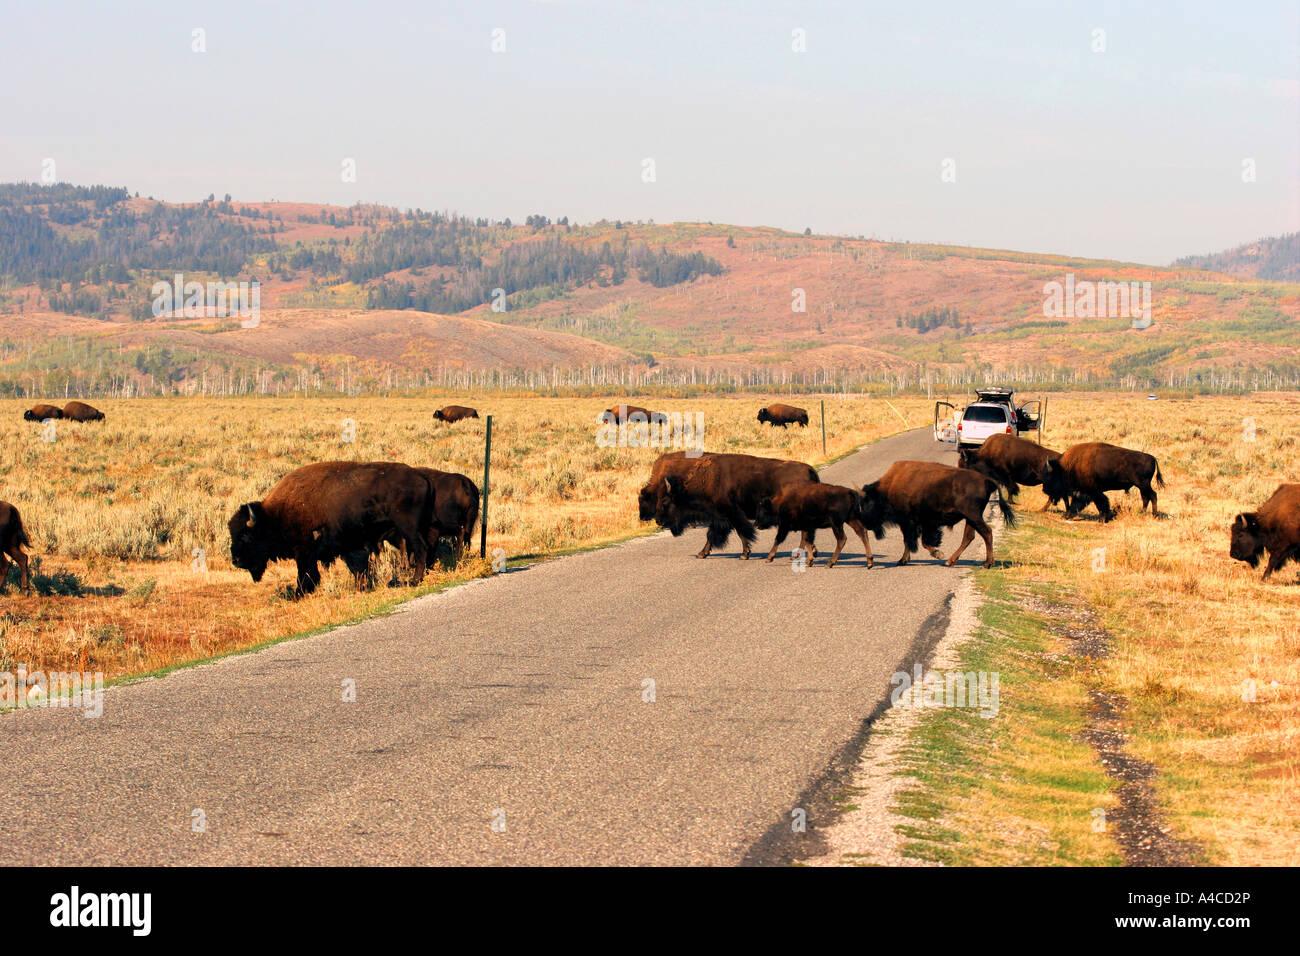 Troupeau de bisons antilopes croisement route plate, Grand Teton National Park Banque D'Images